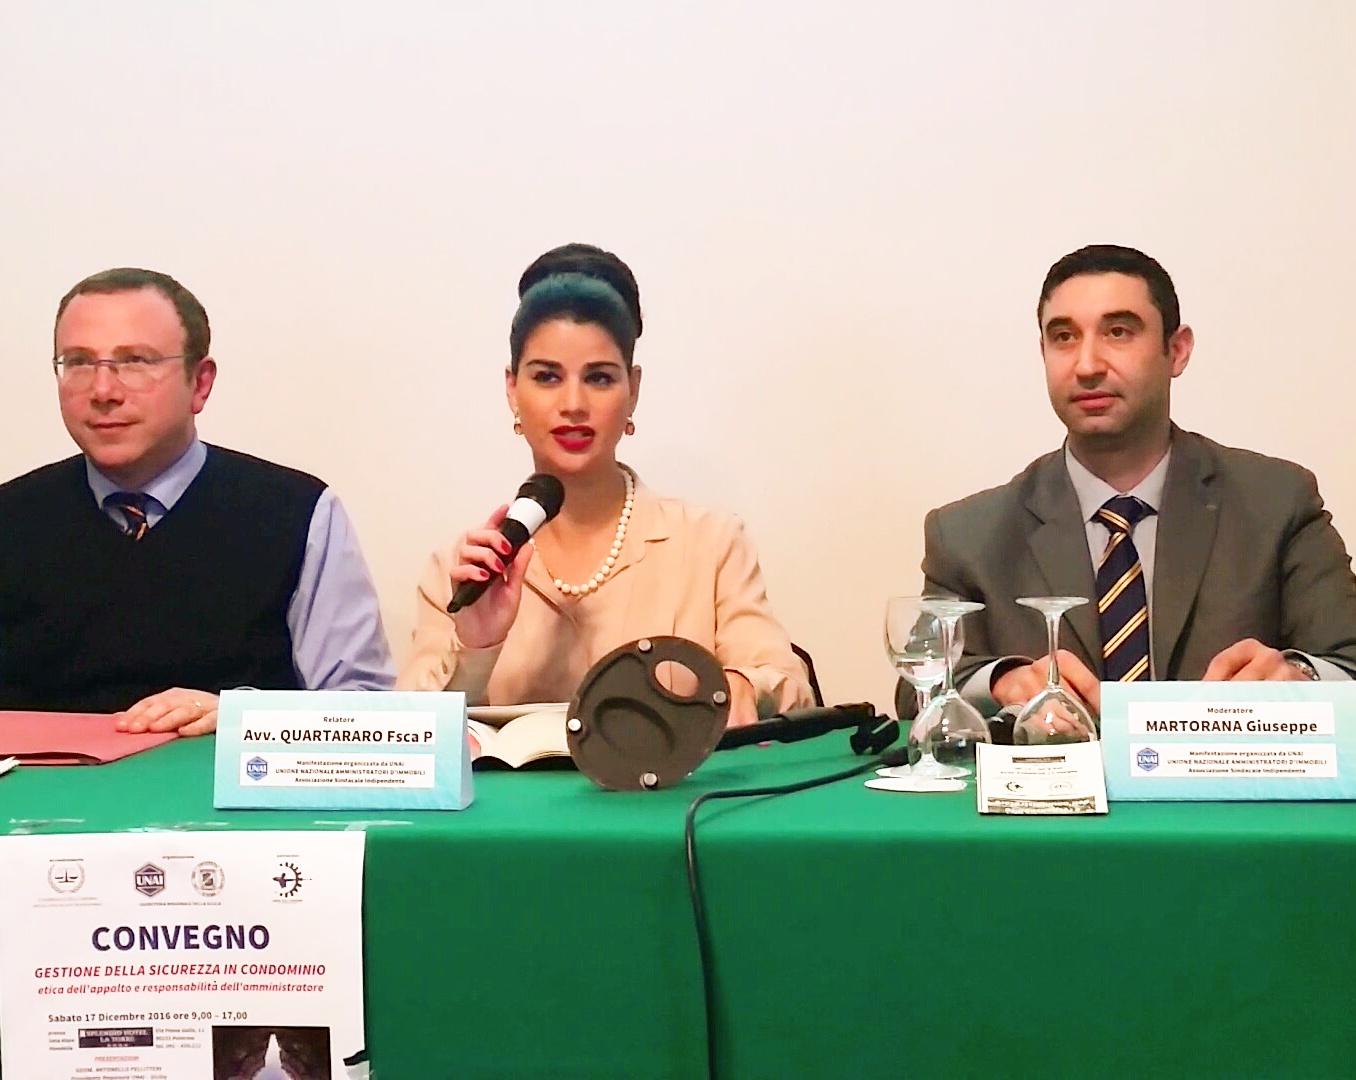 Avv. F.sca Paola Quartararo